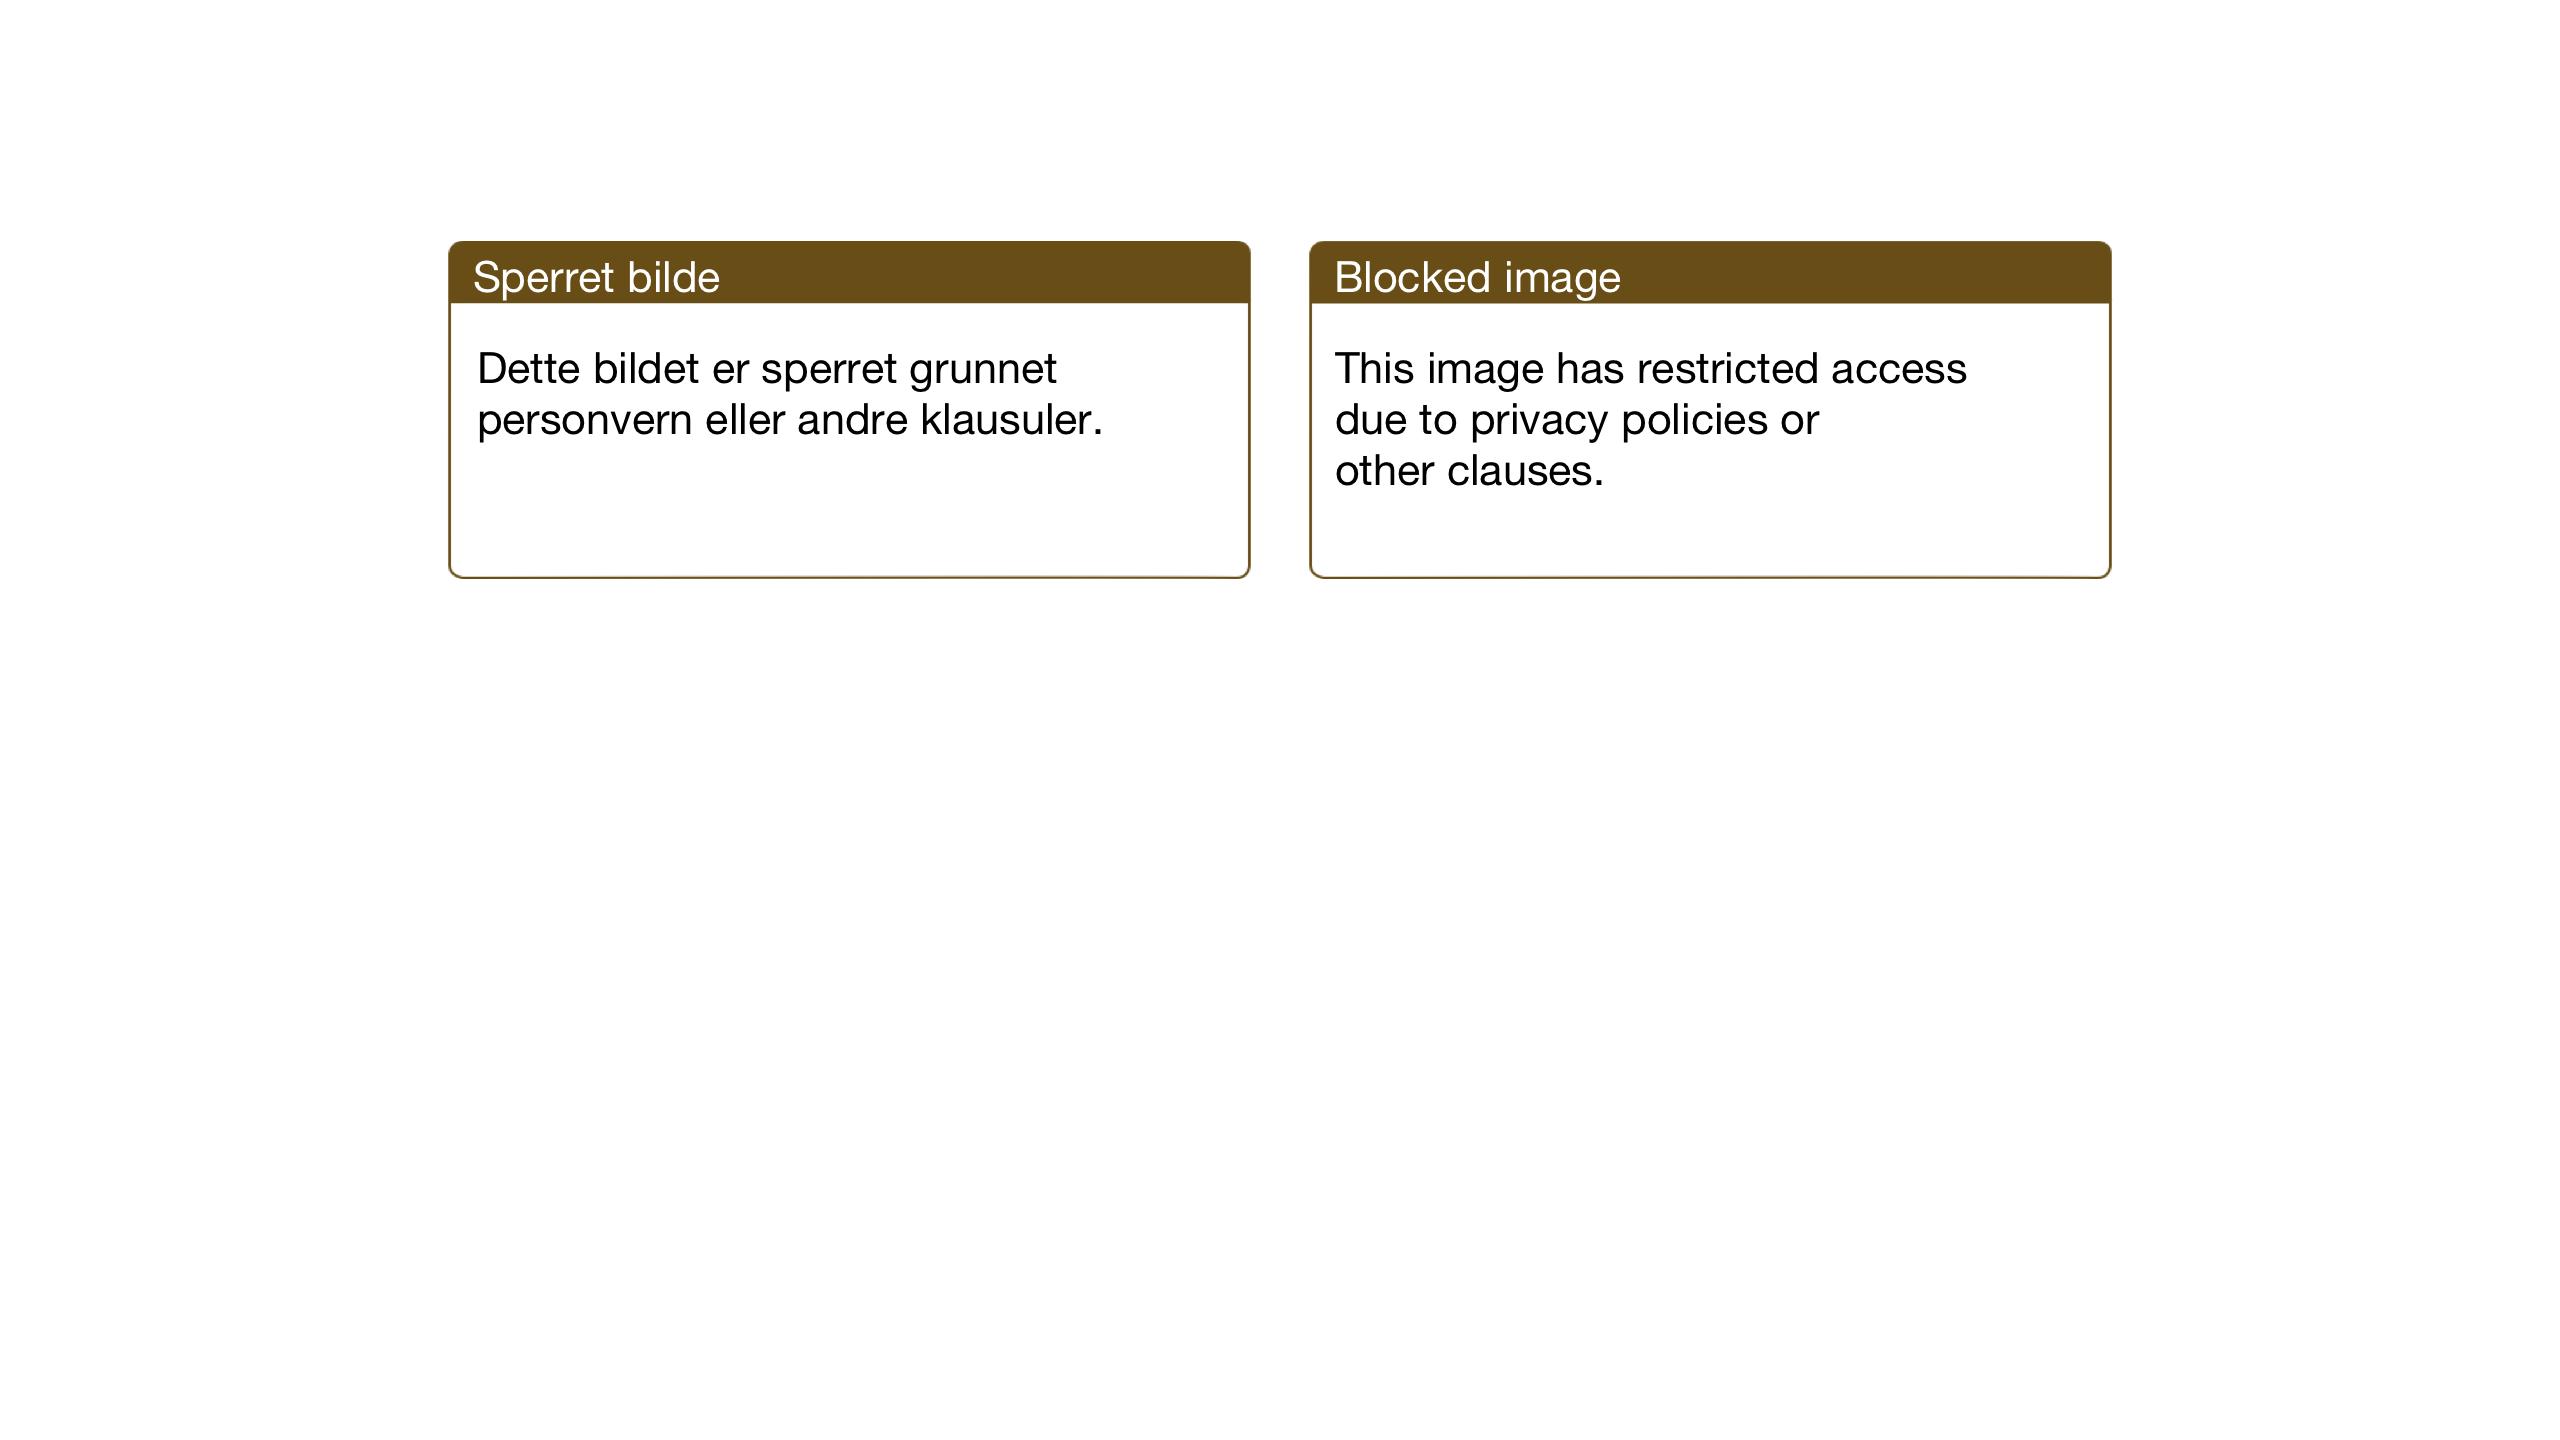 SAT, Ministerialprotokoller, klokkerbøker og fødselsregistre - Nord-Trøndelag, 742/L0413: Klokkerbok nr. 742C04, 1911-1938, s. 62